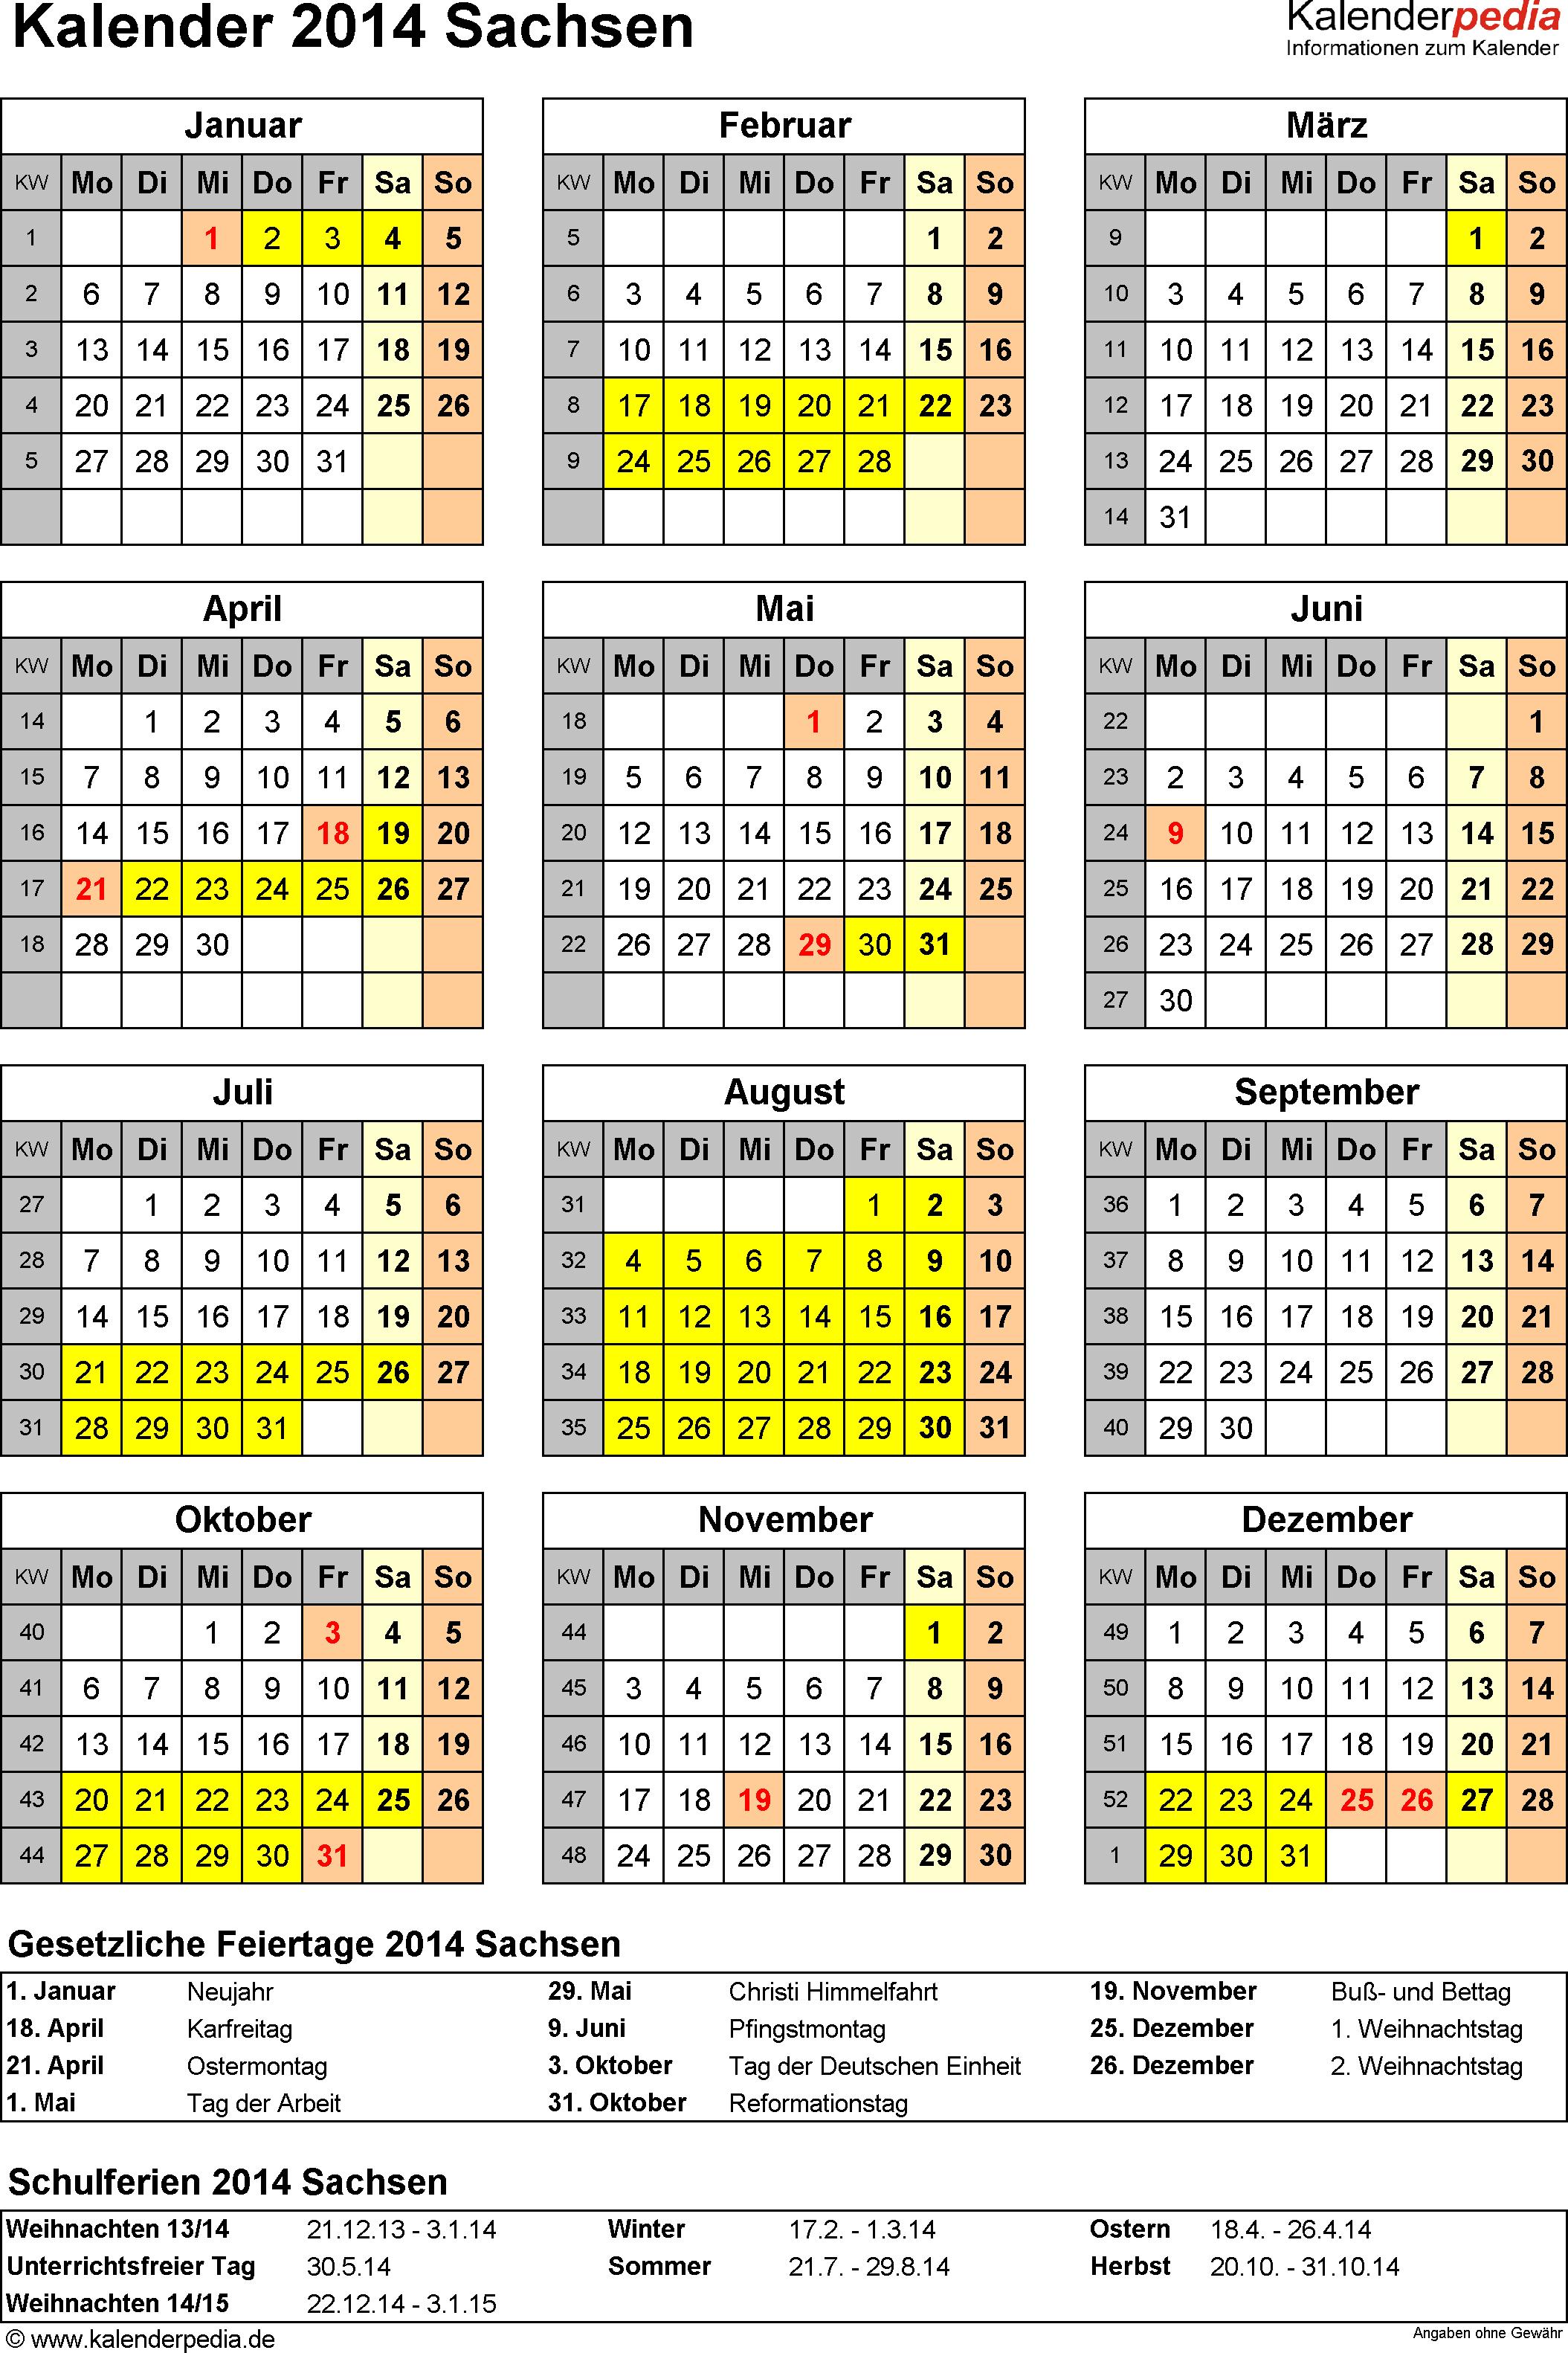 Vorlage 4: Kalender Sachsen 2014 als Word-Vorlage (Hochformat)